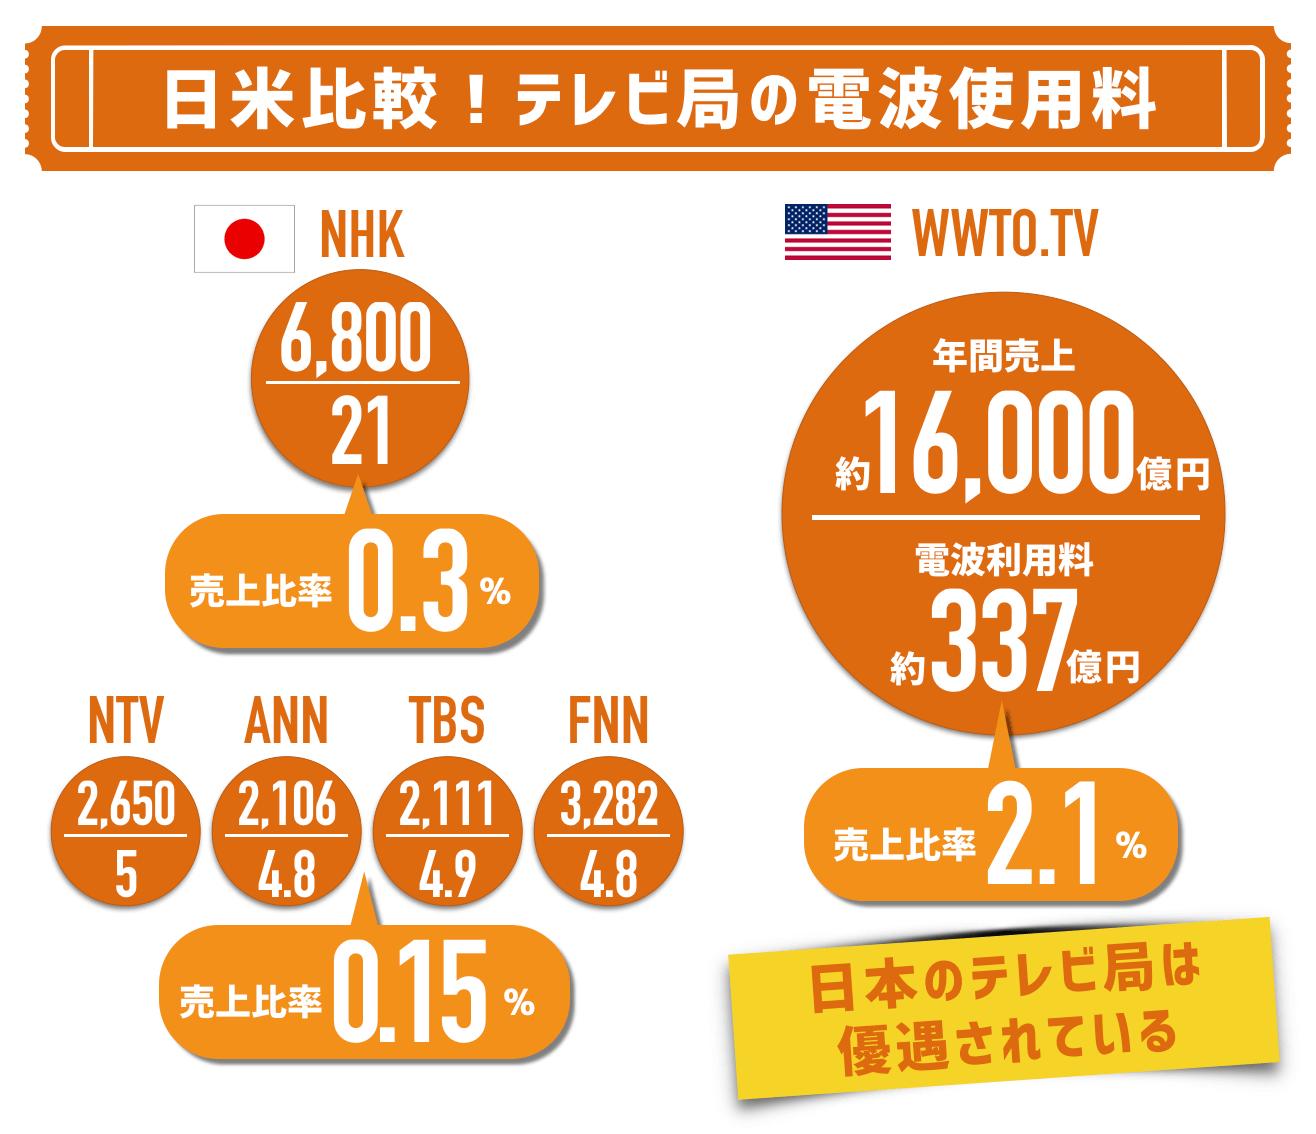 テレビ局が絶対に認めない電波オークション5つのメリット | メリットデメリット